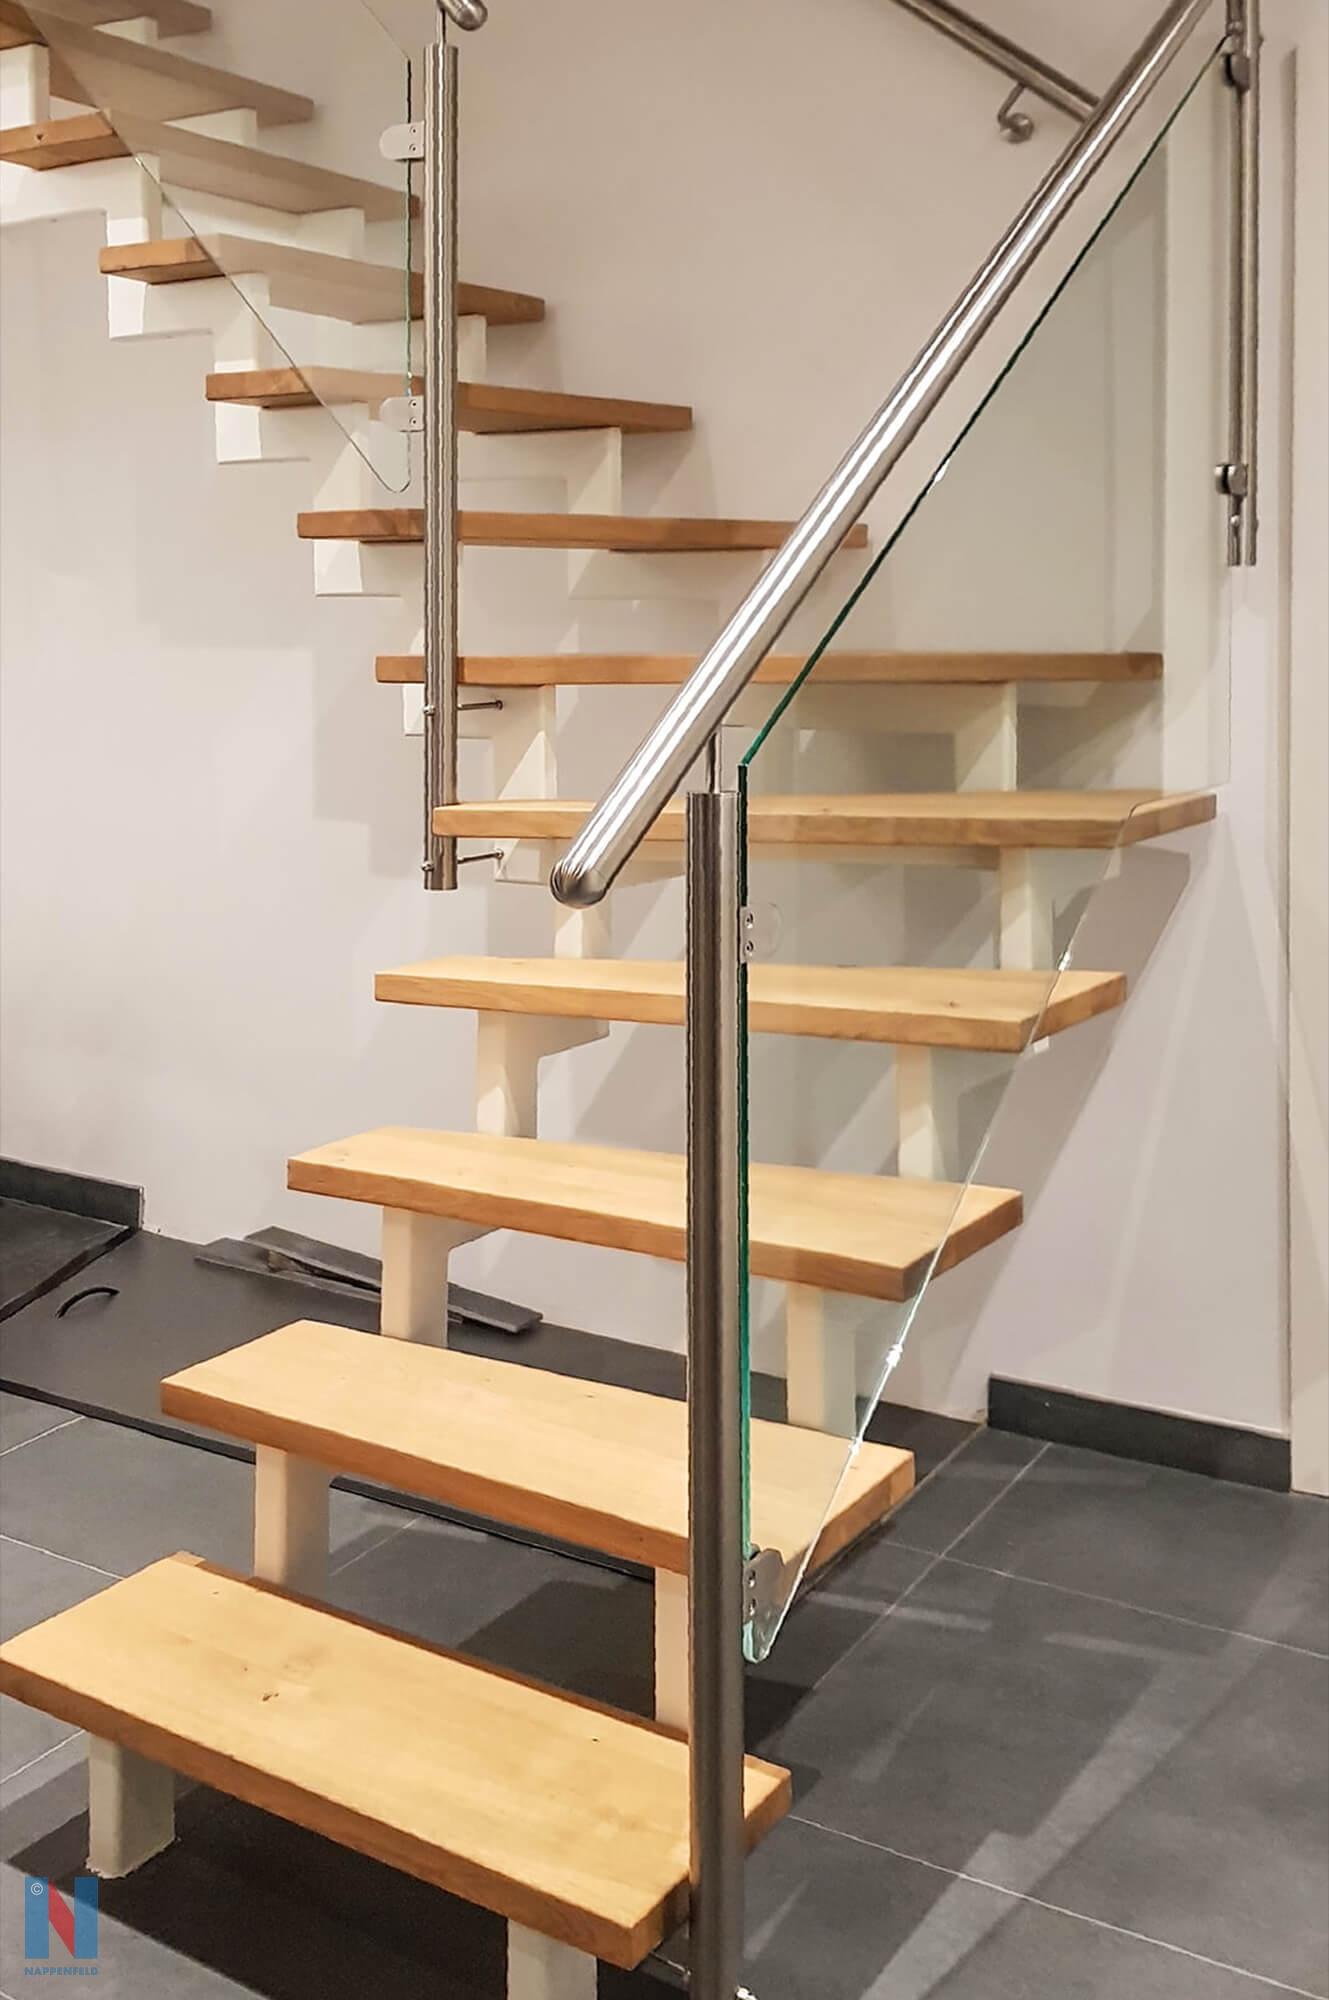 Für ein Einfamilienhaus in Mülheim fertigte die Edelstahlschlosserei Nappenfeld eine Treppe, die ins ausgebaute Dachgeschoss führt, das den Wohnraum deutlich vergrößert.